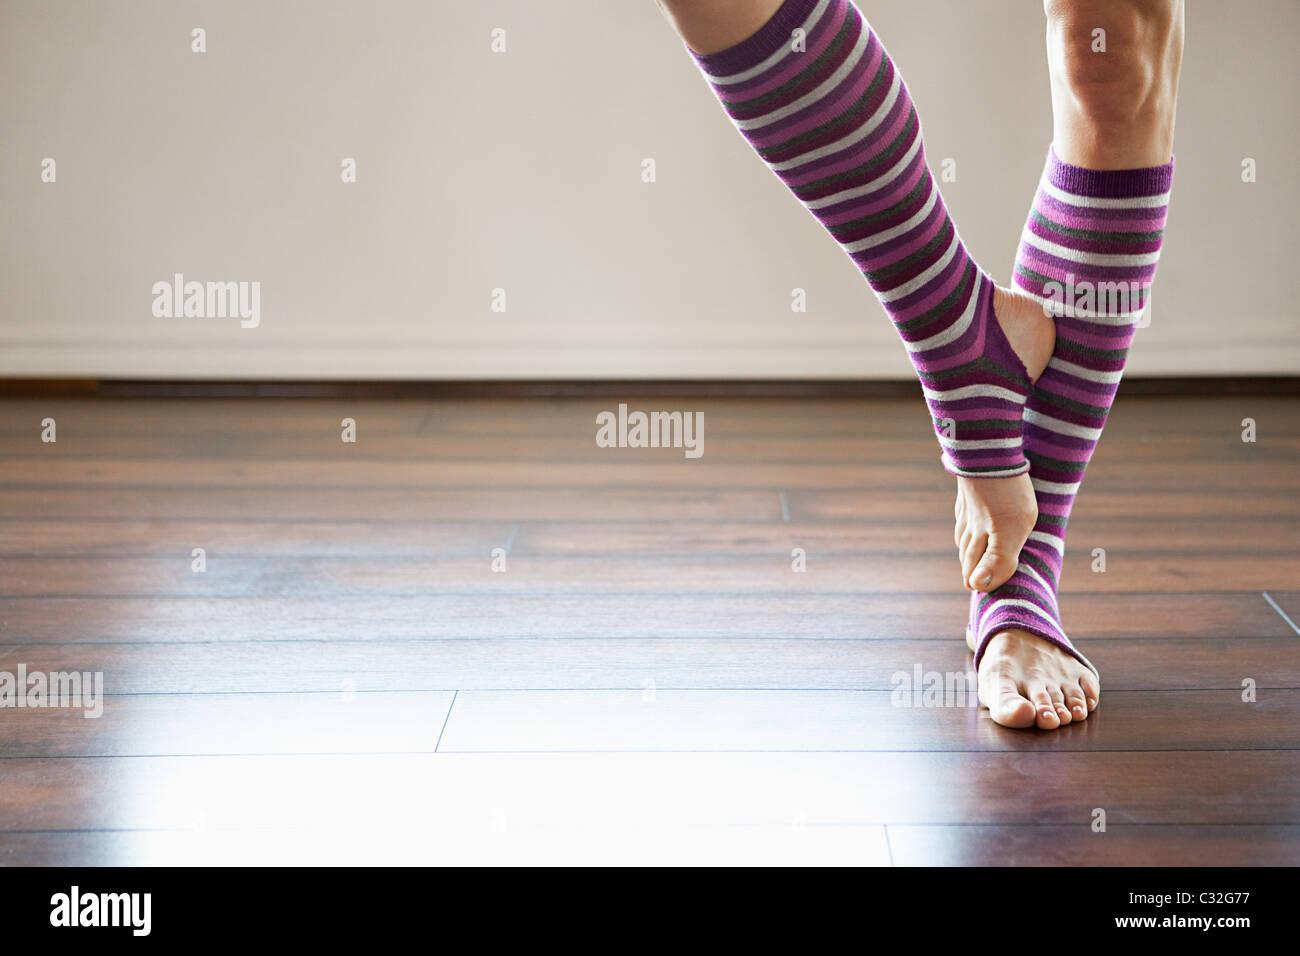 Mujer vistiendo stripey legwarmers de pie sobre una pierna. Imagen De Stock